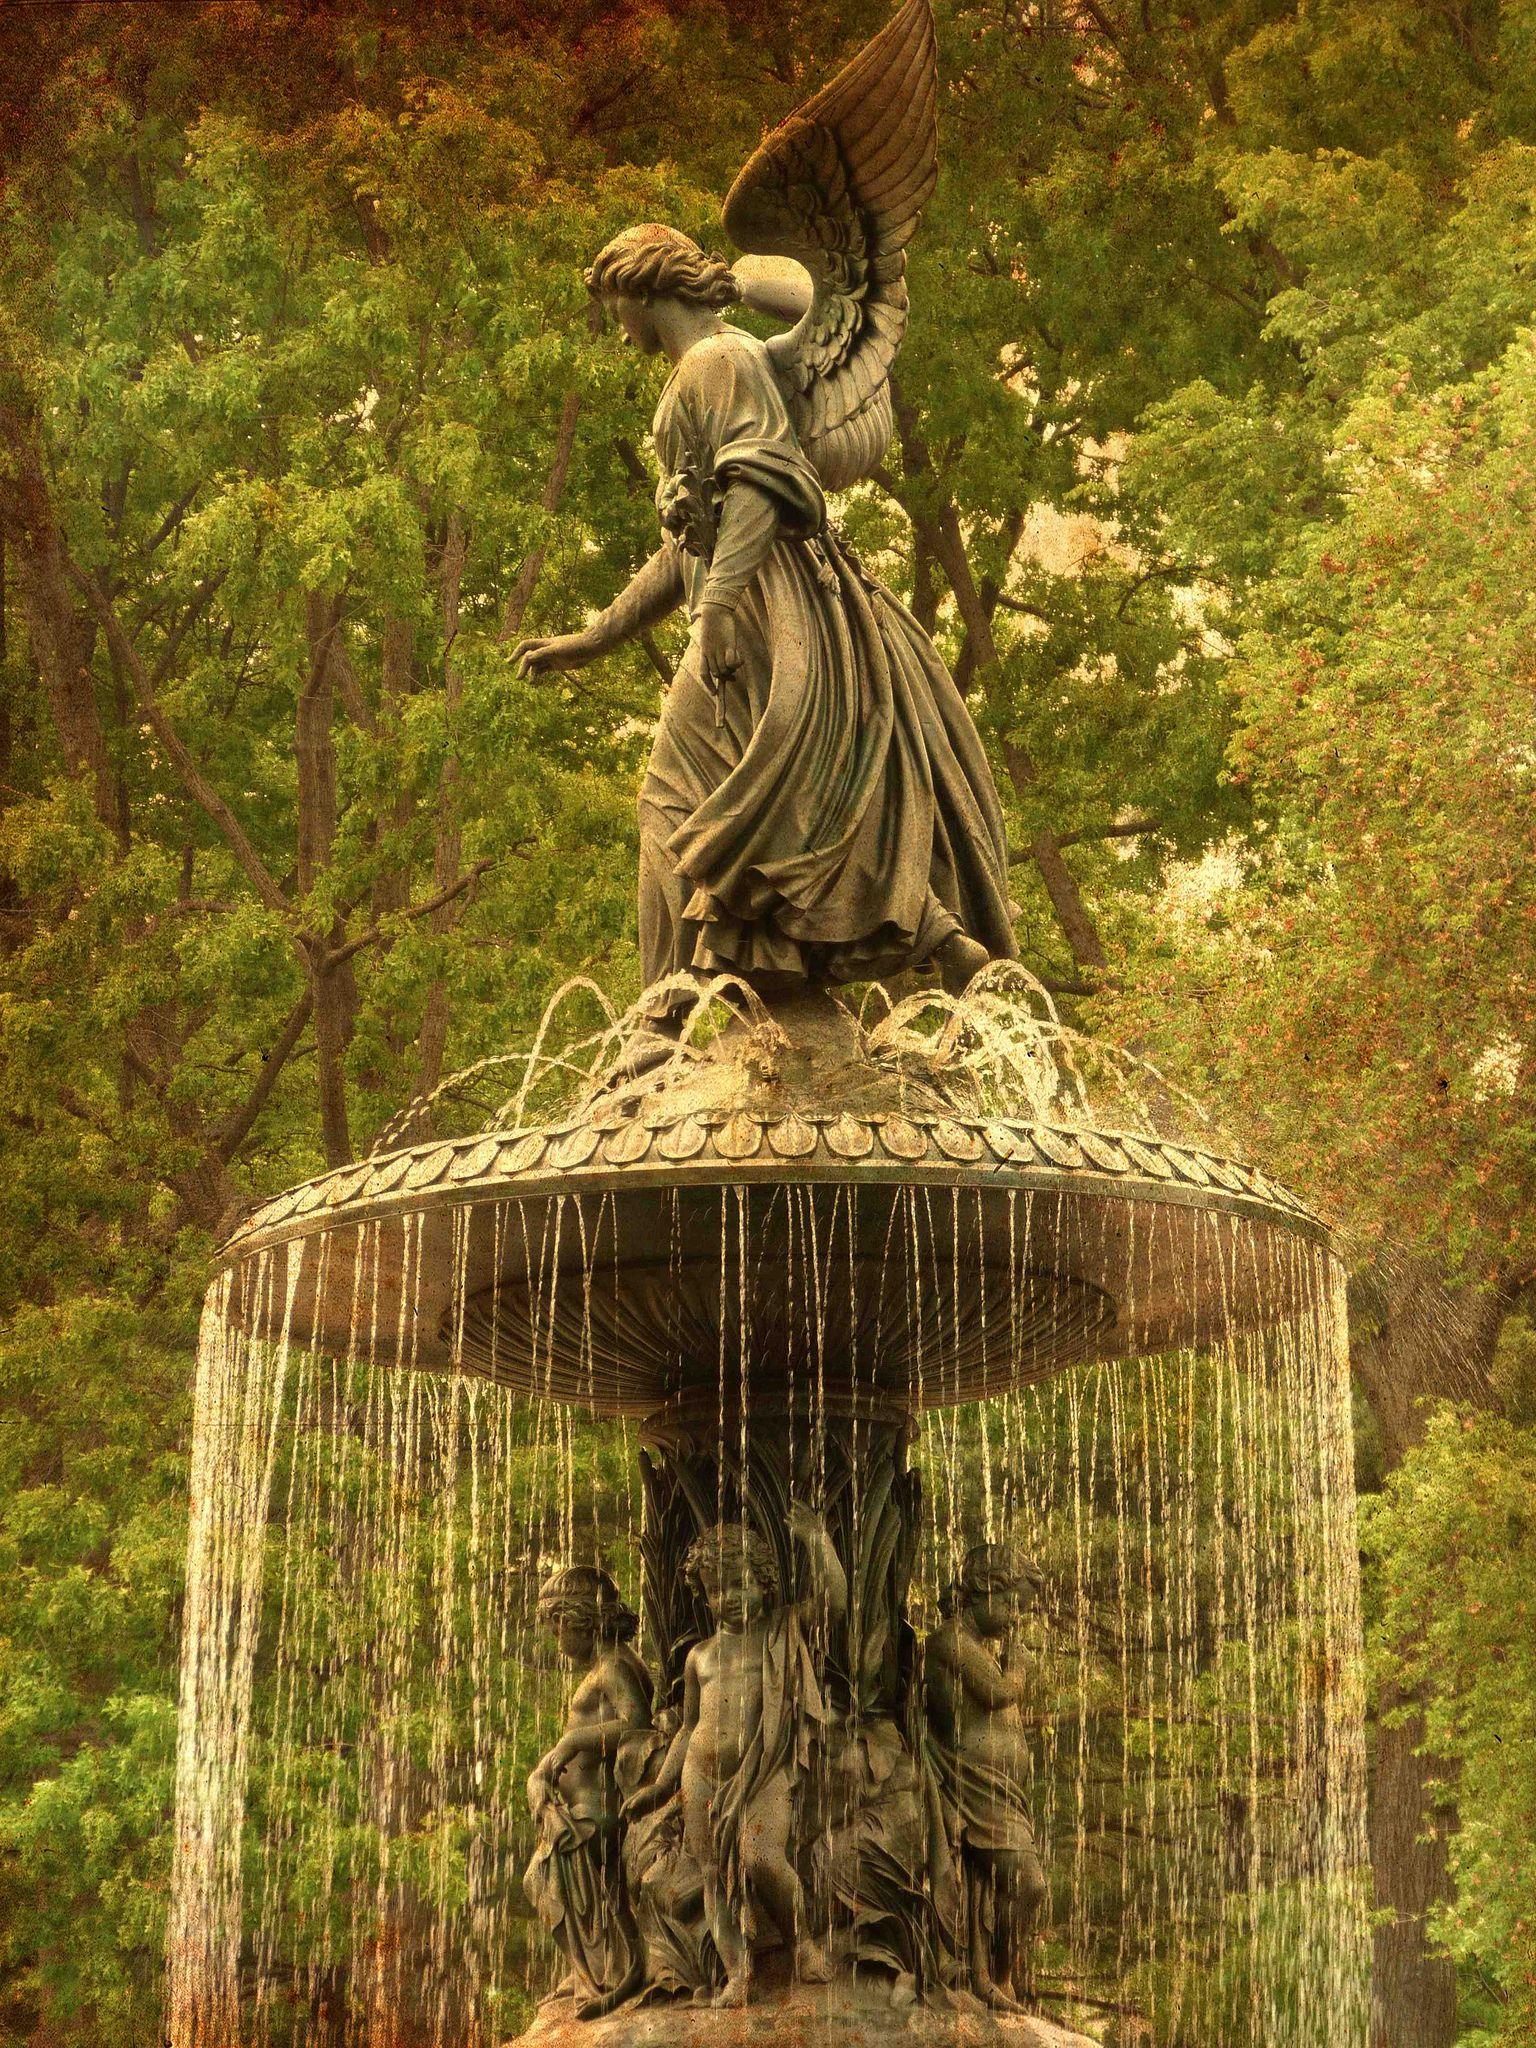 central park | Central park, Park and Explore